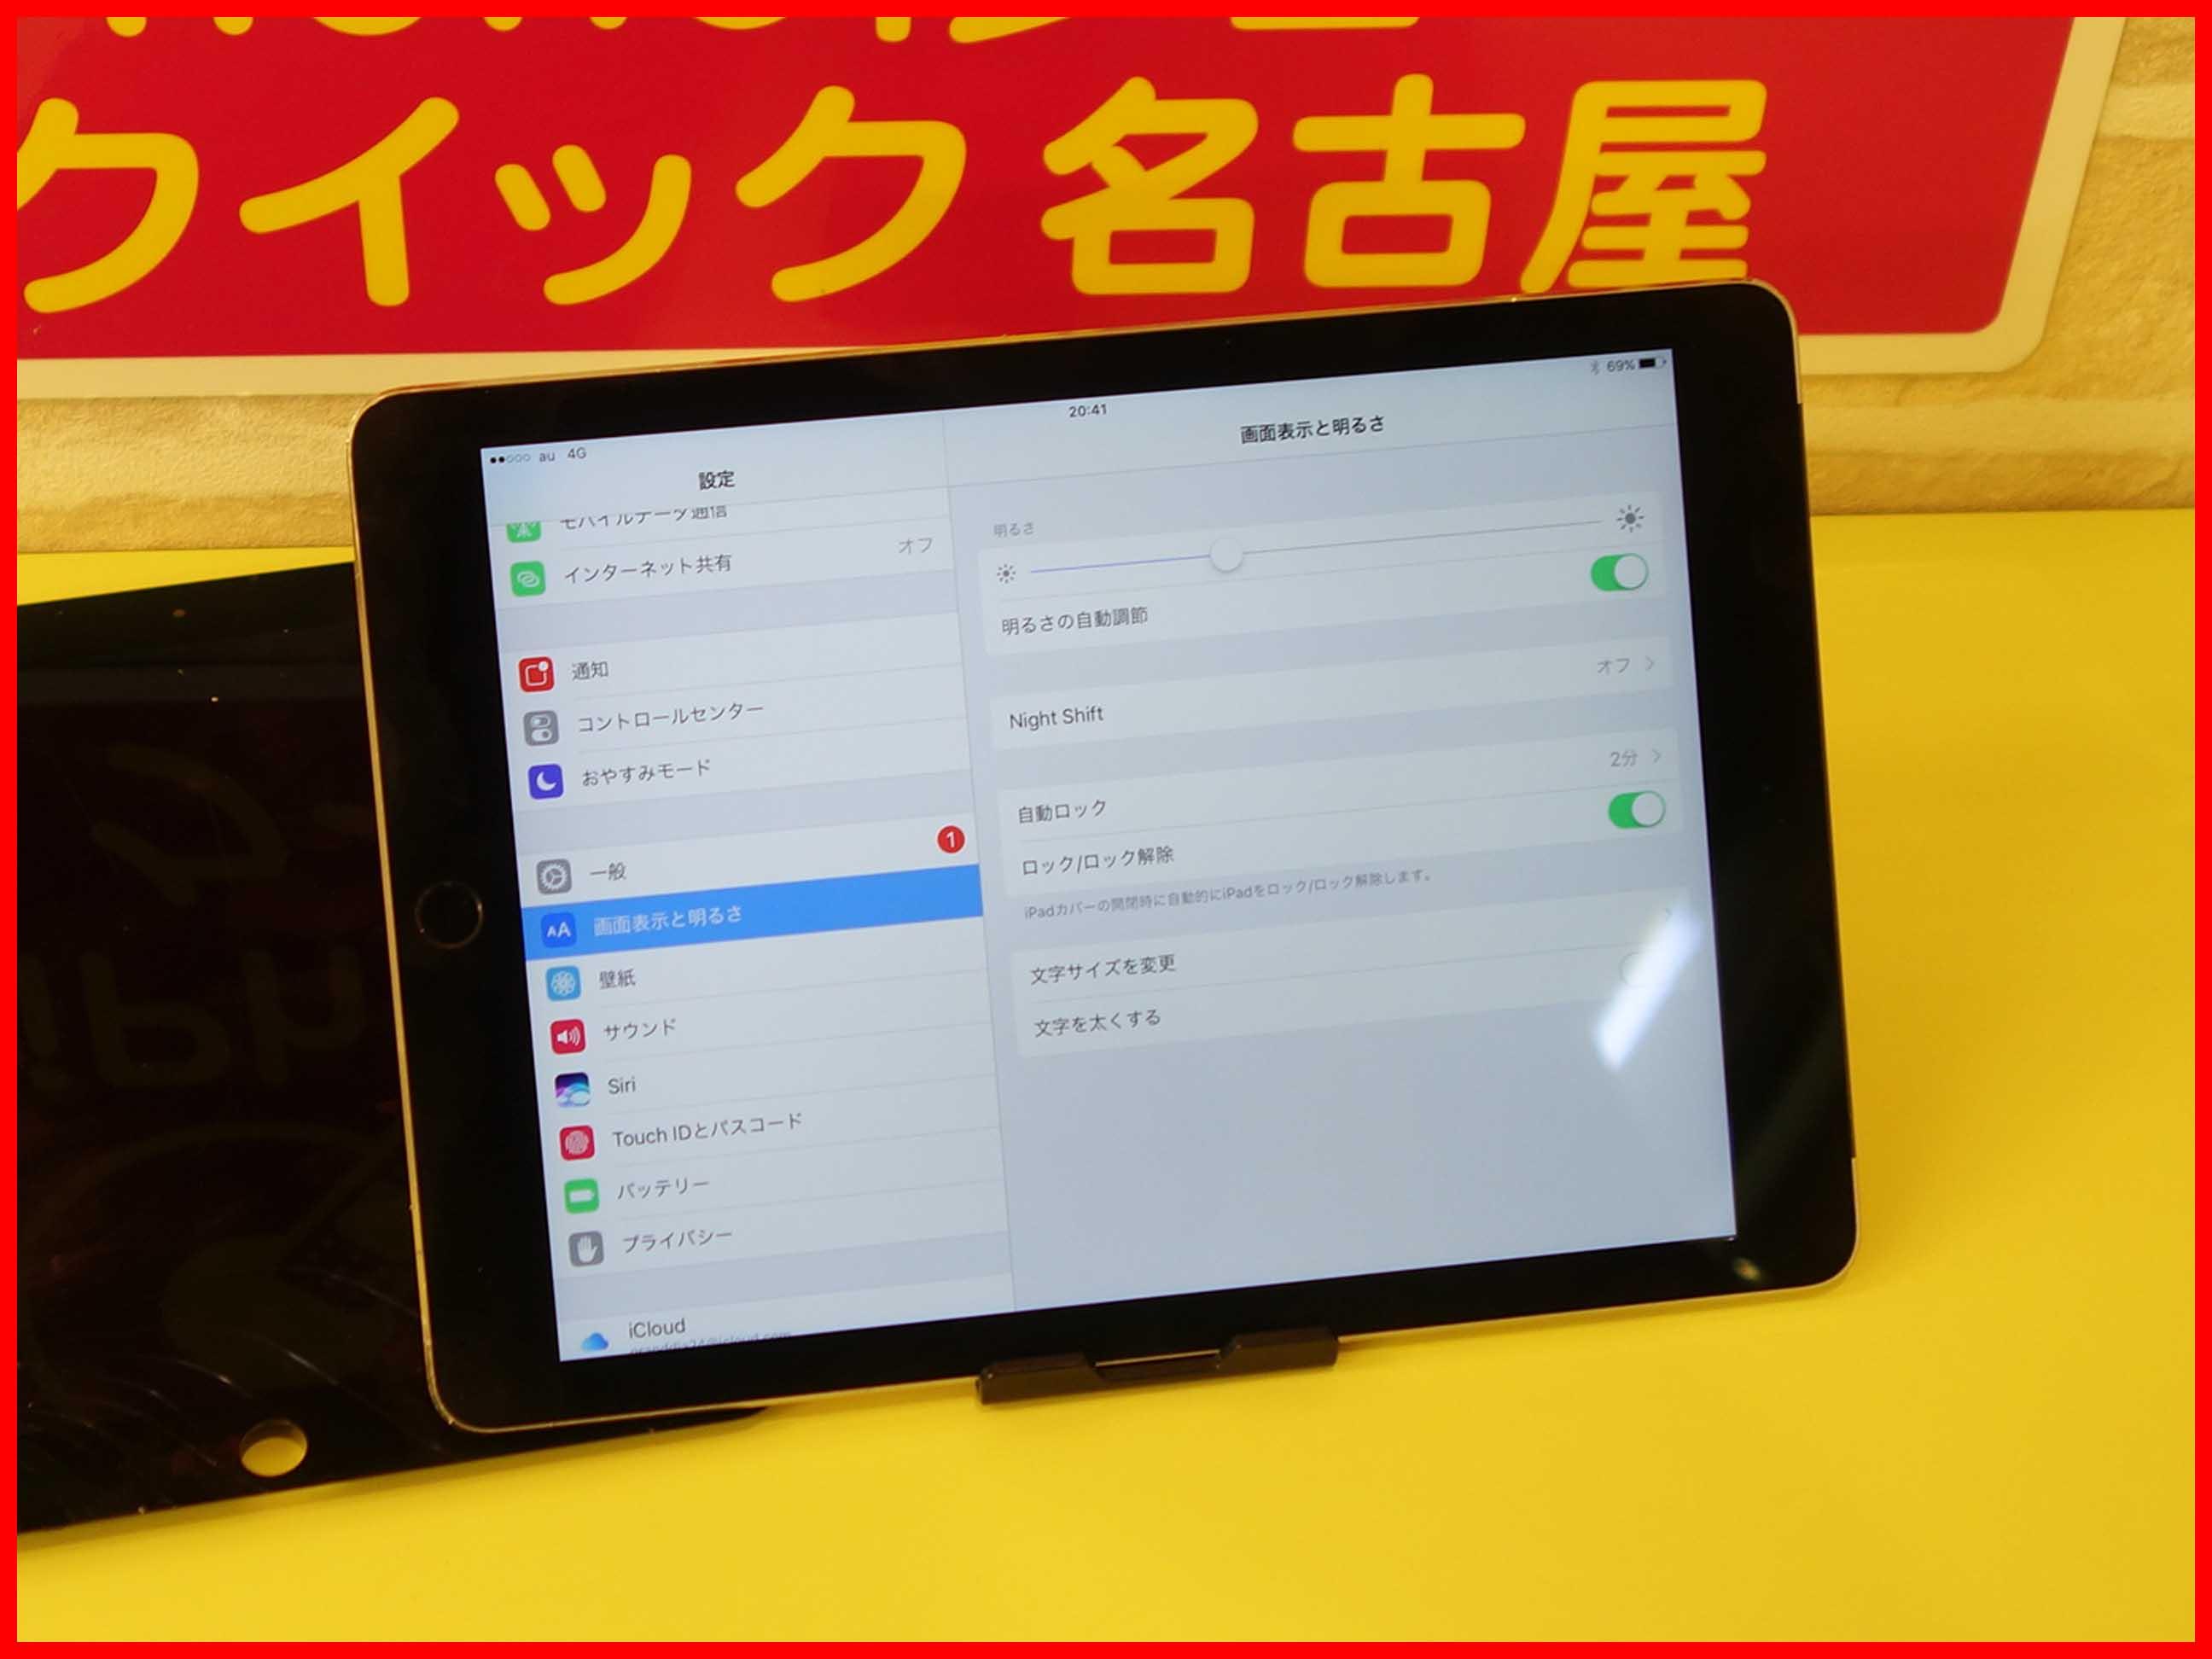 iPad Air2のガラス割れ修理に名古屋市内よりご来店!アイパッド修理もクイック名古屋